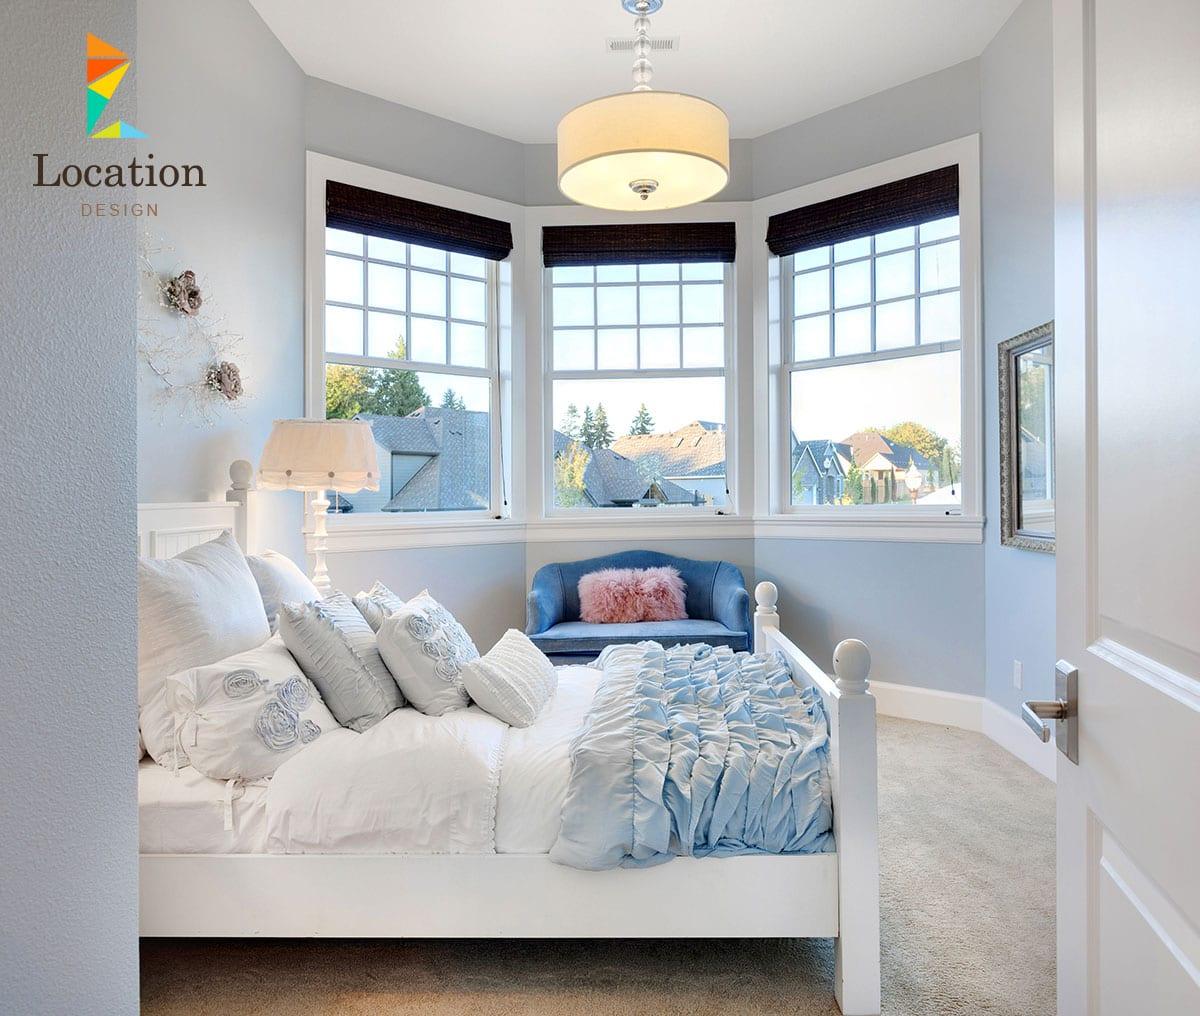 صورة بالصور غرف نوم كلاسيكية رائعة وجميلة للبنات 2020